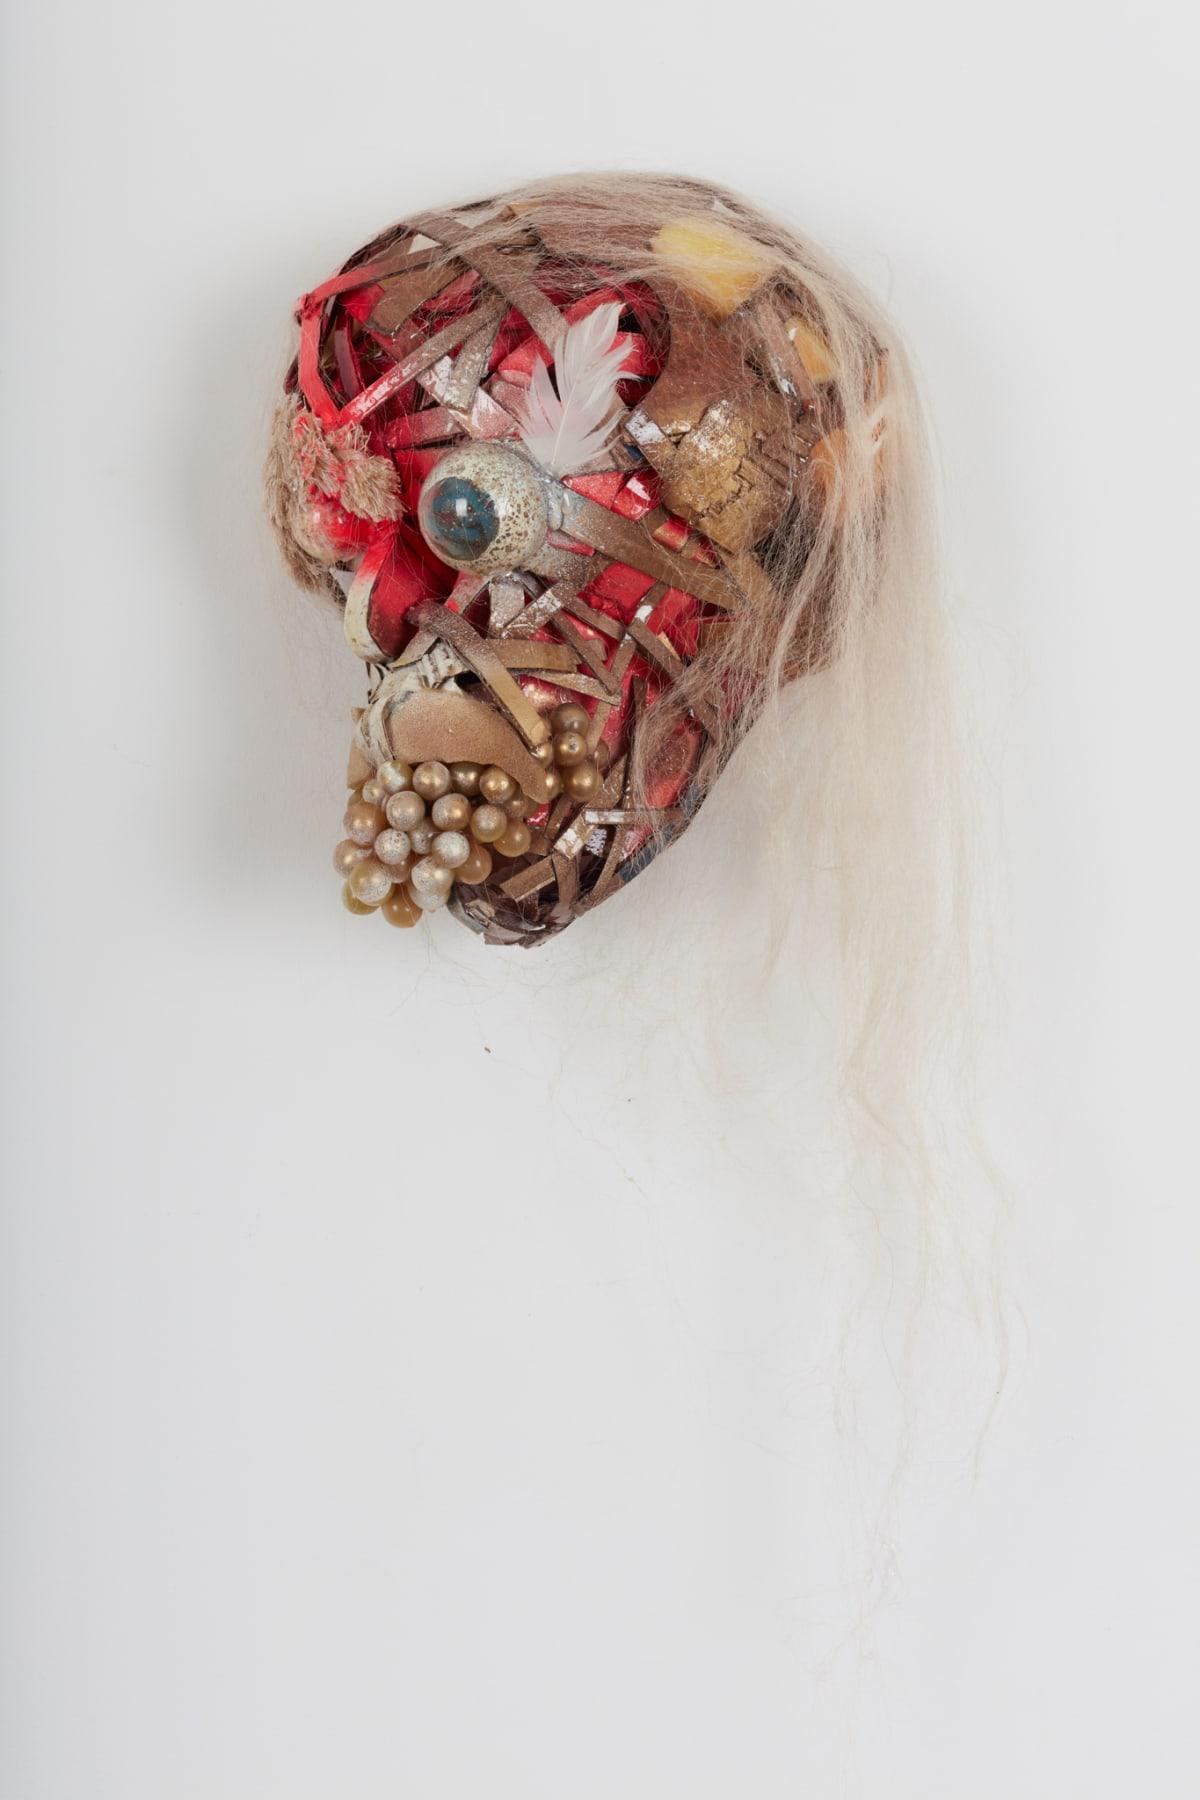 Lavar Munroe, Small Solider War Mask: Major, 2018